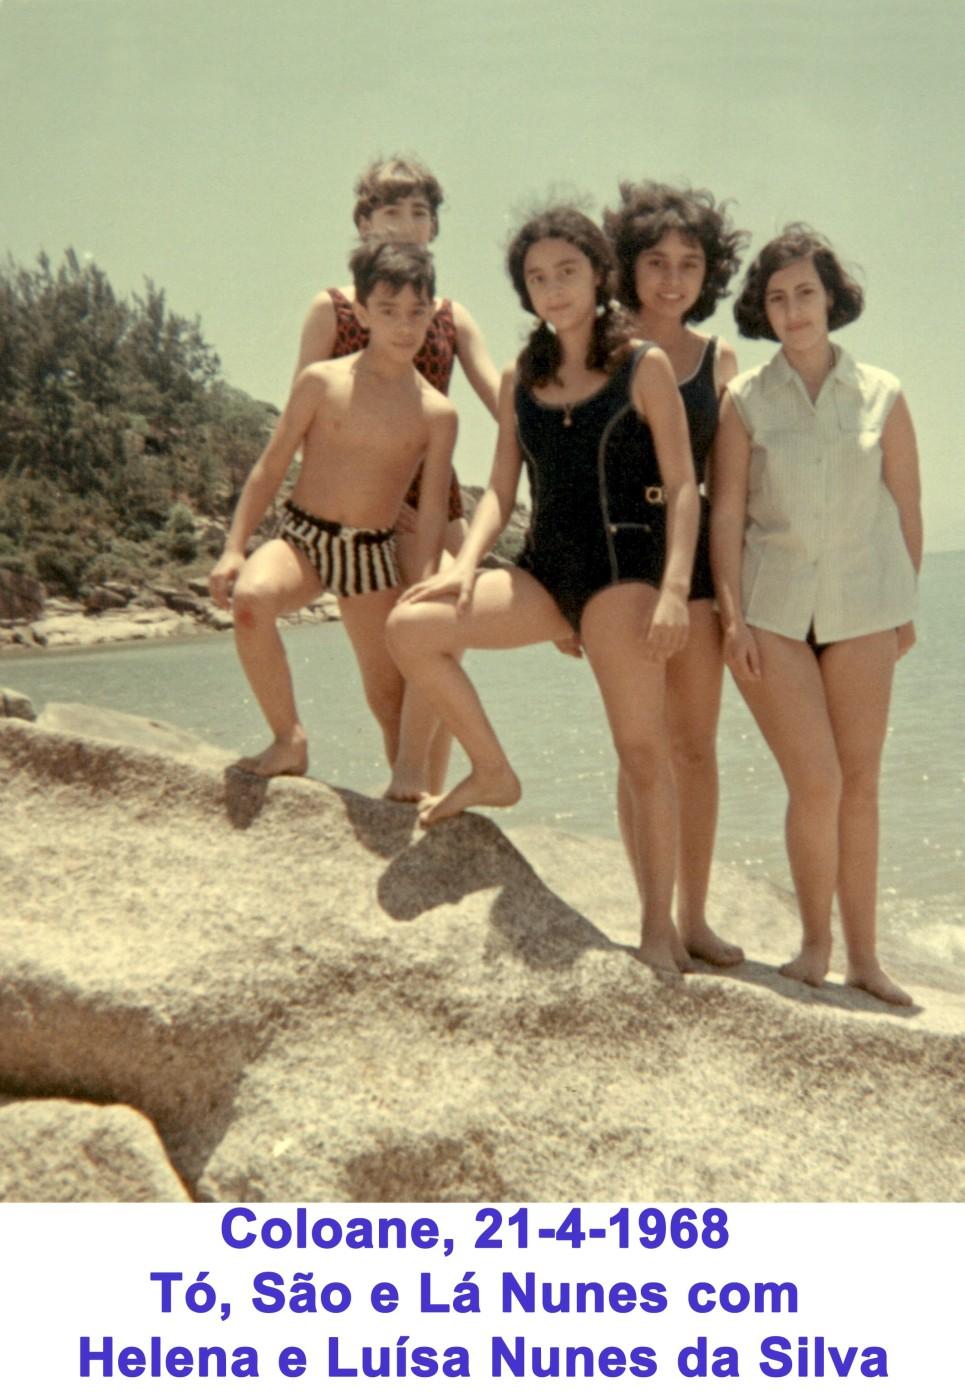 057 68-04-21 os filhos do cônsul em HK com as nossas em praia de Coloane